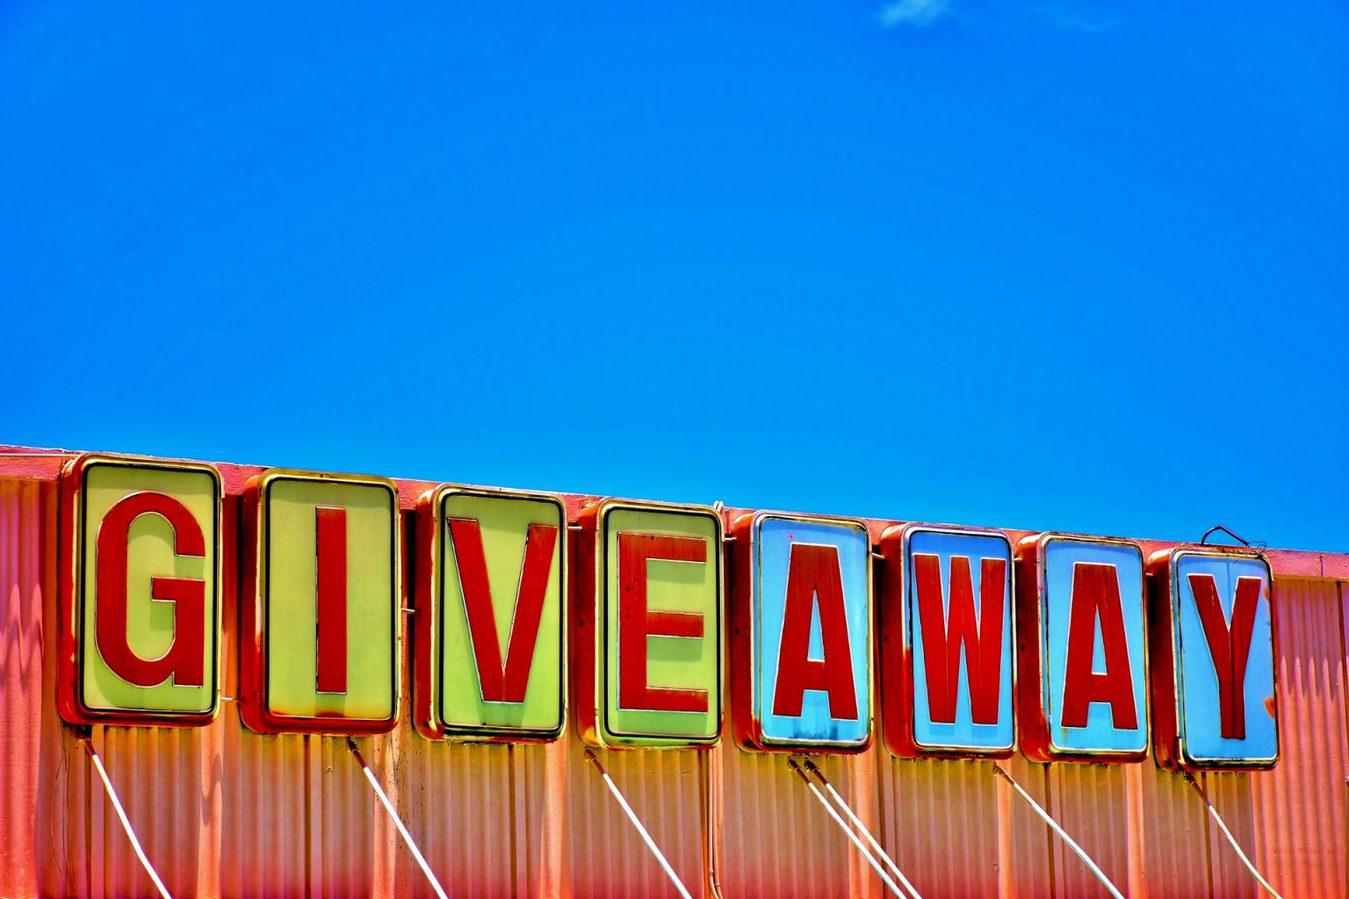 Segnale giveaway sul tetto con cielo azzurro